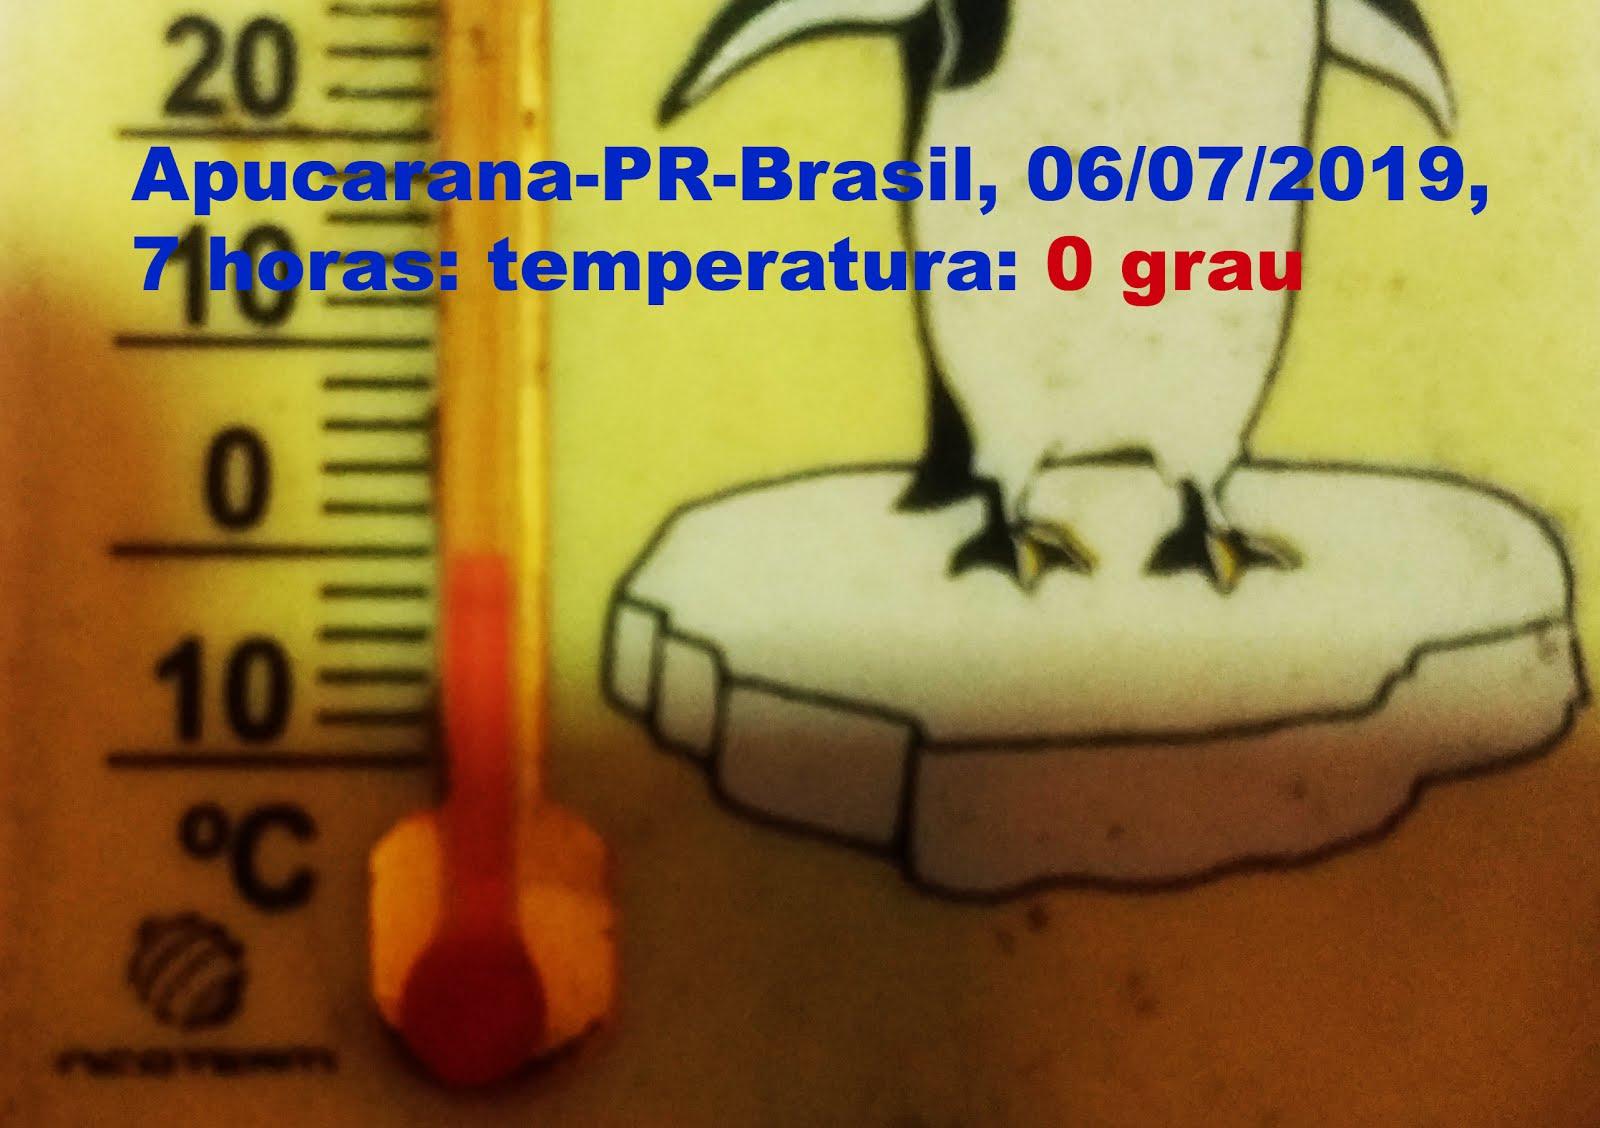 APUCARANA-PR-BRASIL